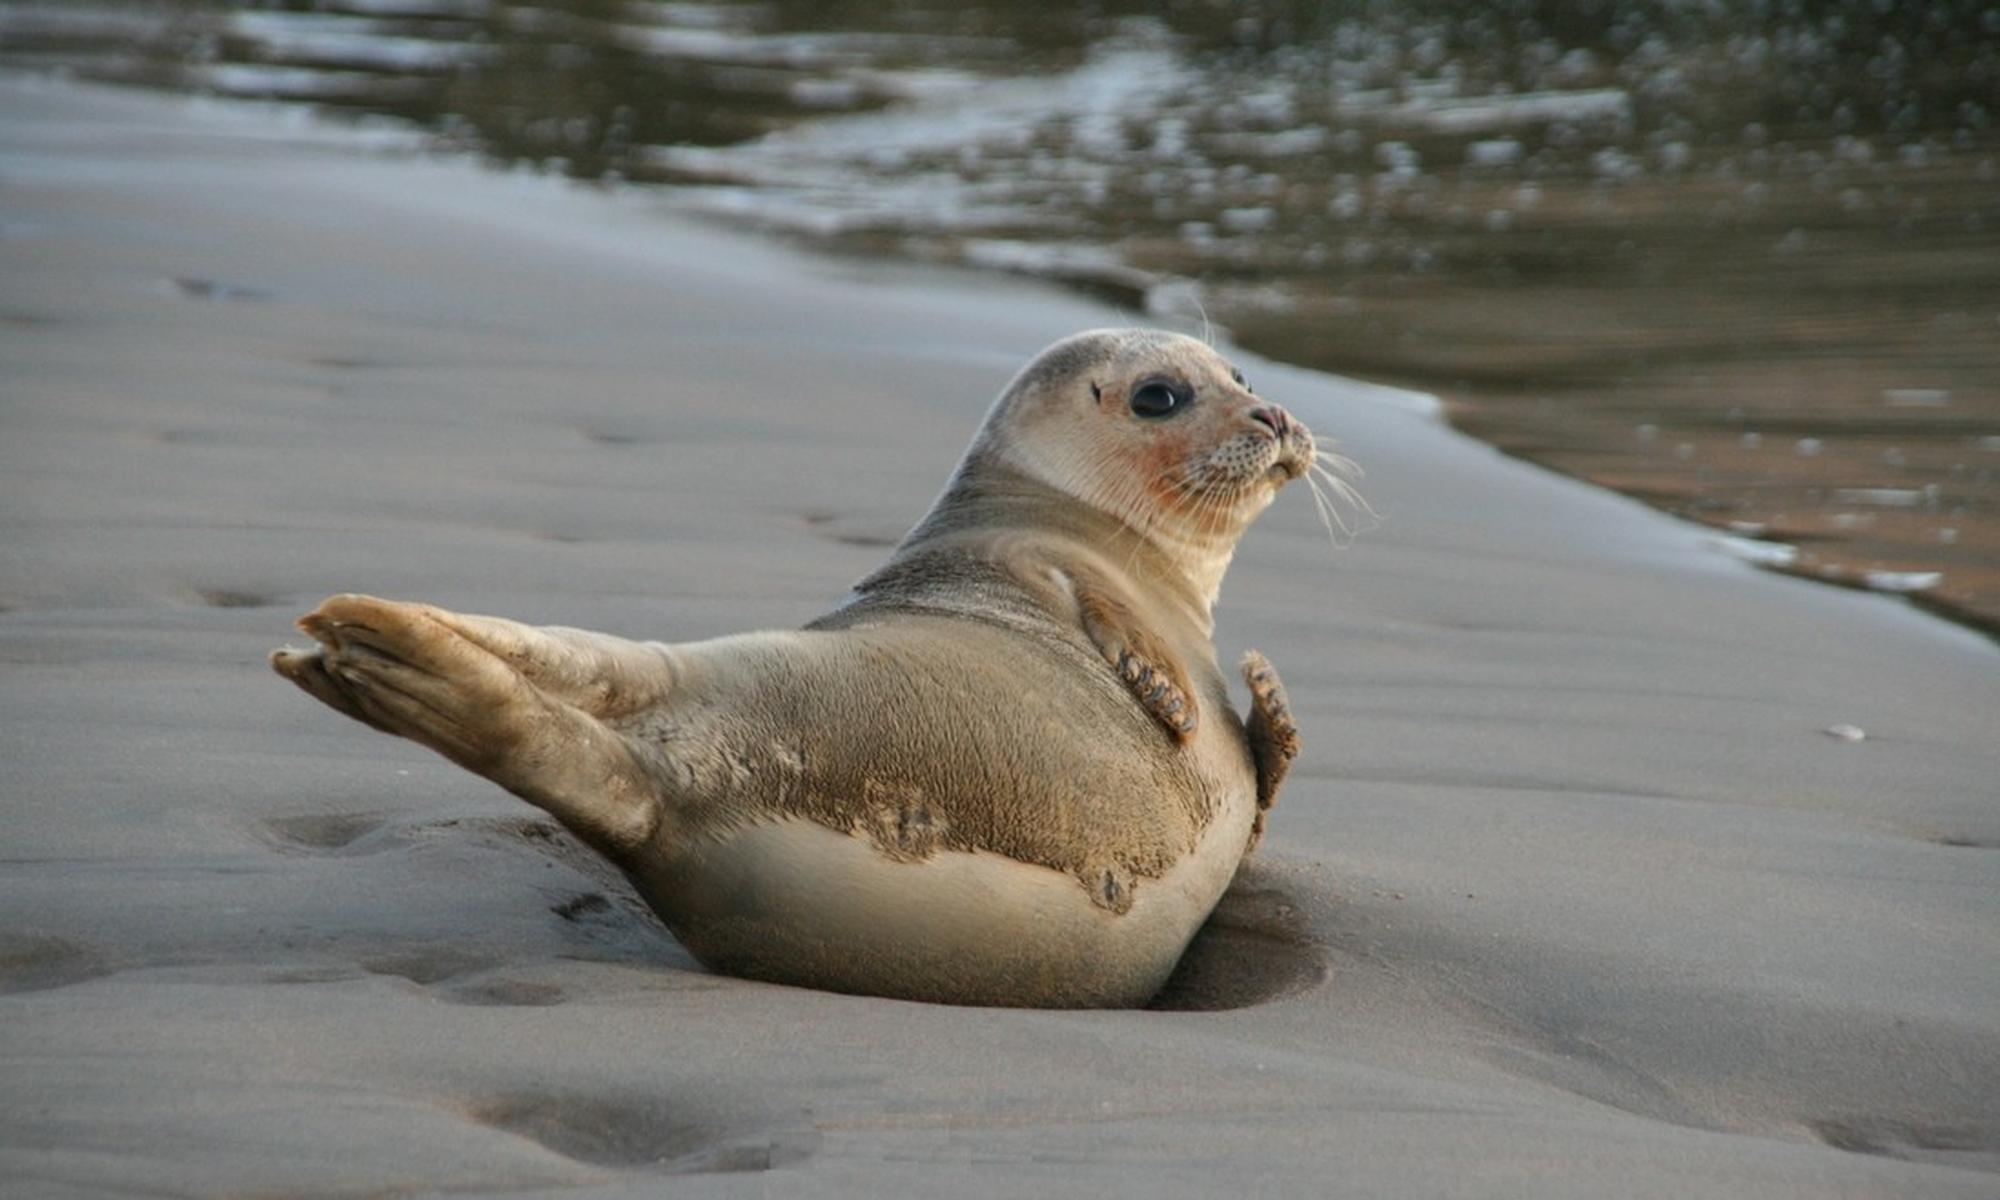 Stichting ReddingsTeam Zeedieren